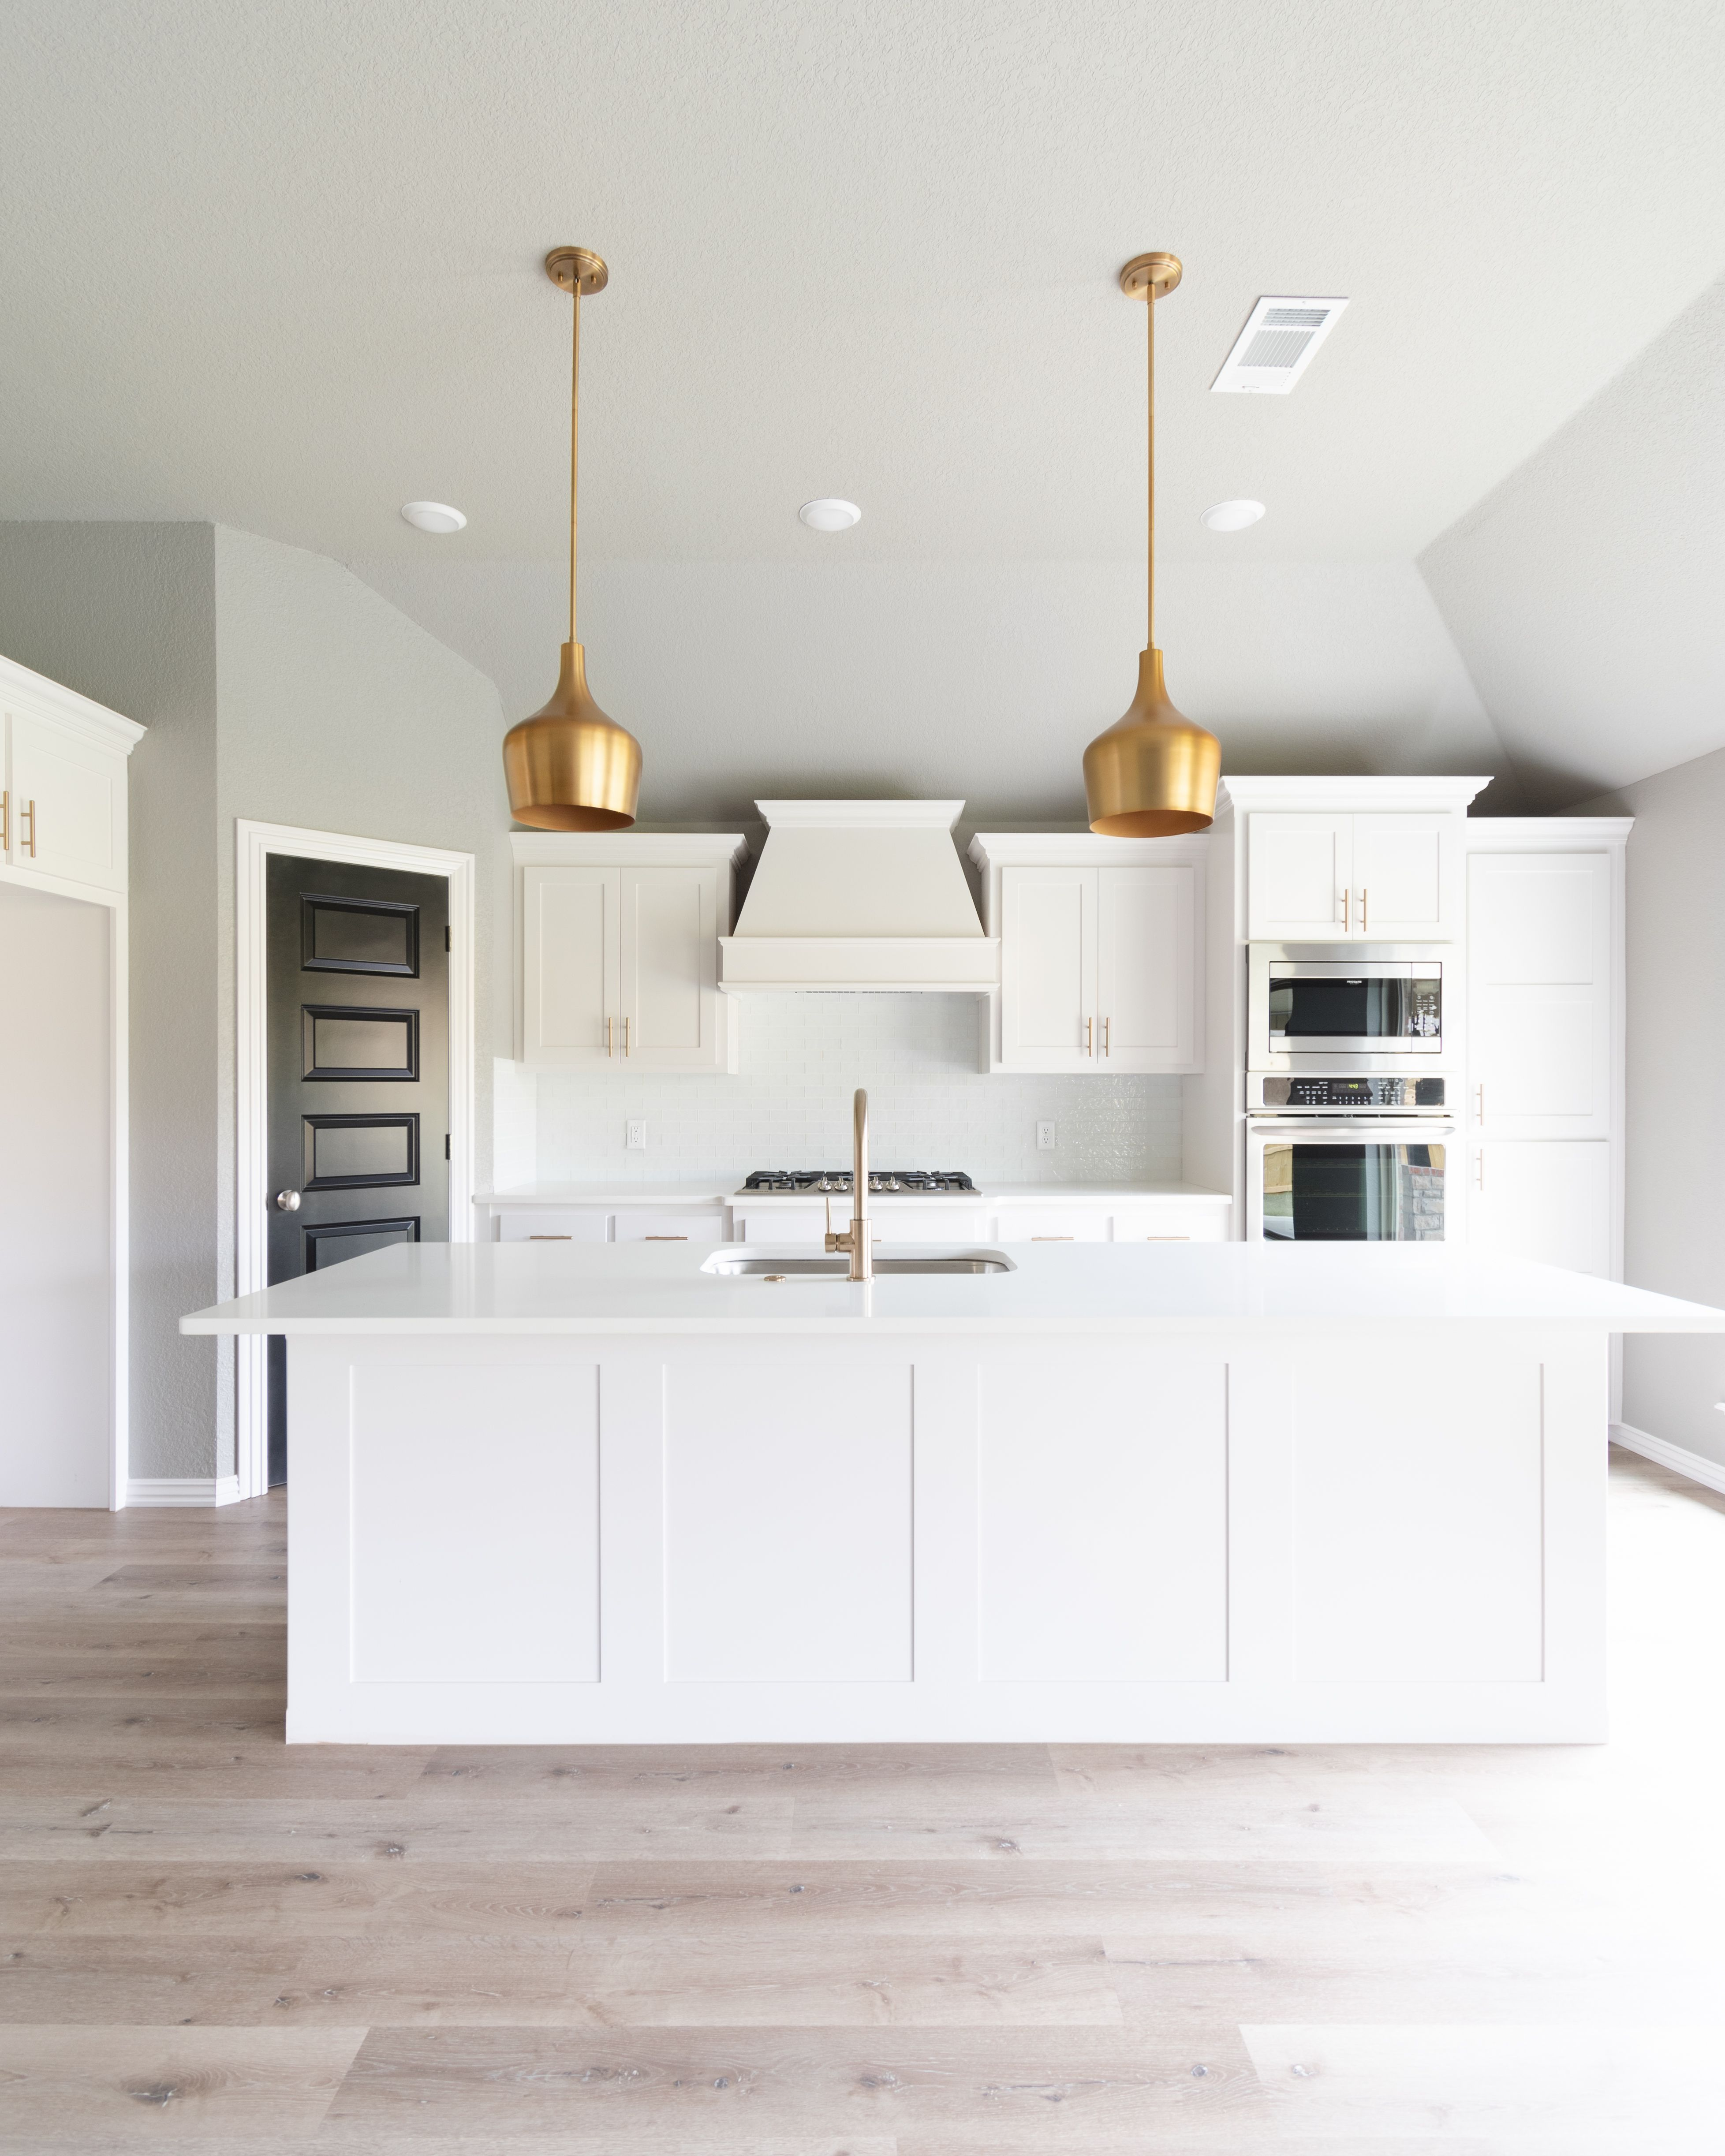 Modern White Kitchen With Modern Gold Pendant Lights White Quartz